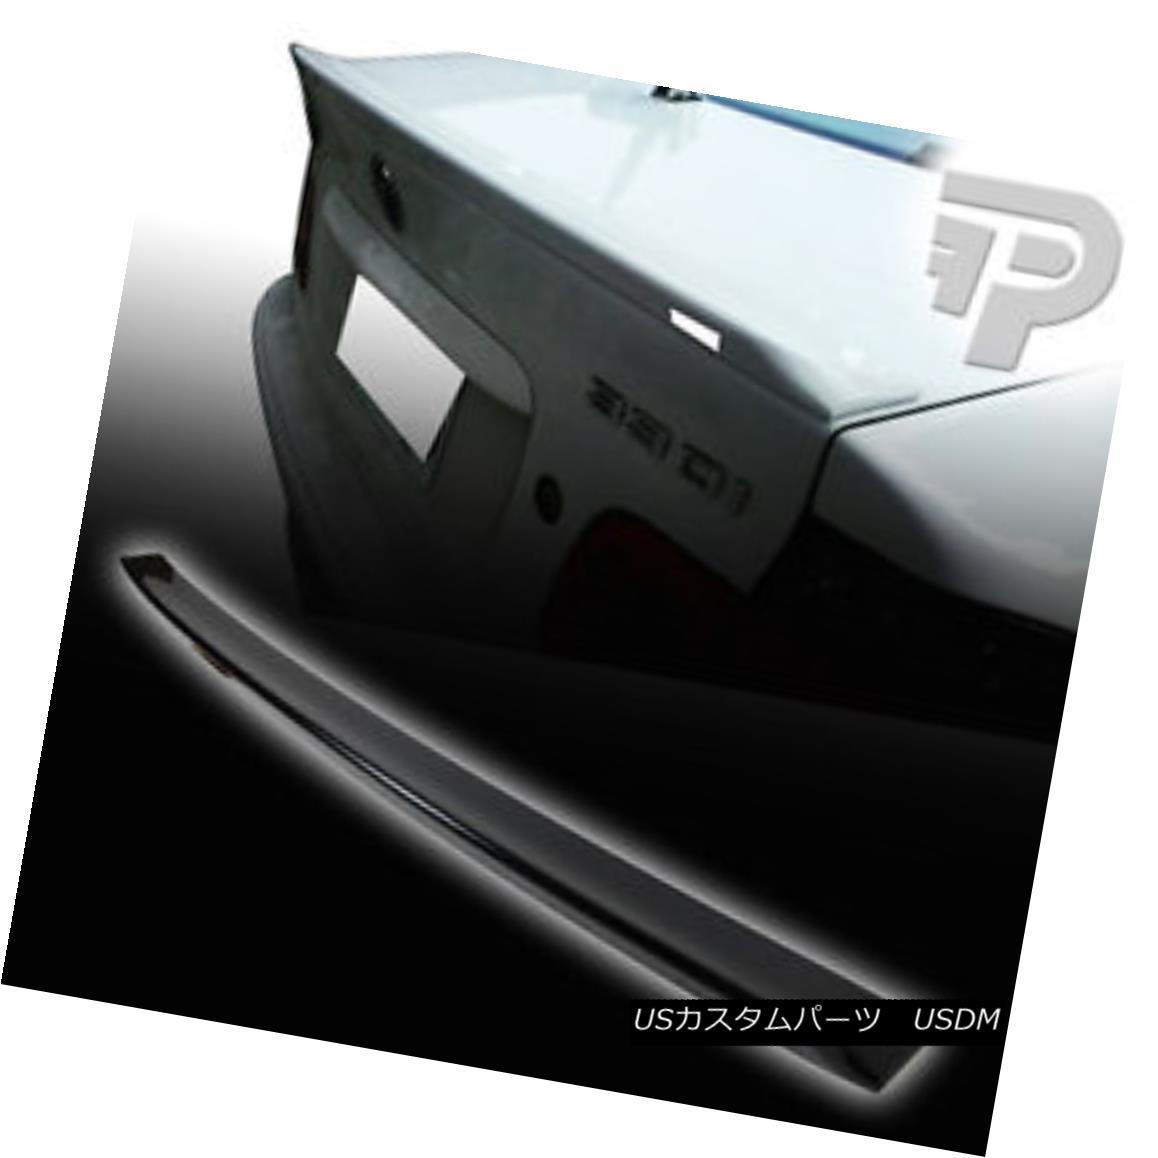 エアロパーツ PAINTED#475 BLACK 99-05 E46 BMW 4D SEDAN TRUNK SPOILER BOOT REAR NEW 塗装#475黒99-05 E46 BMW 4Dセダントランクスポイラーブーツリア